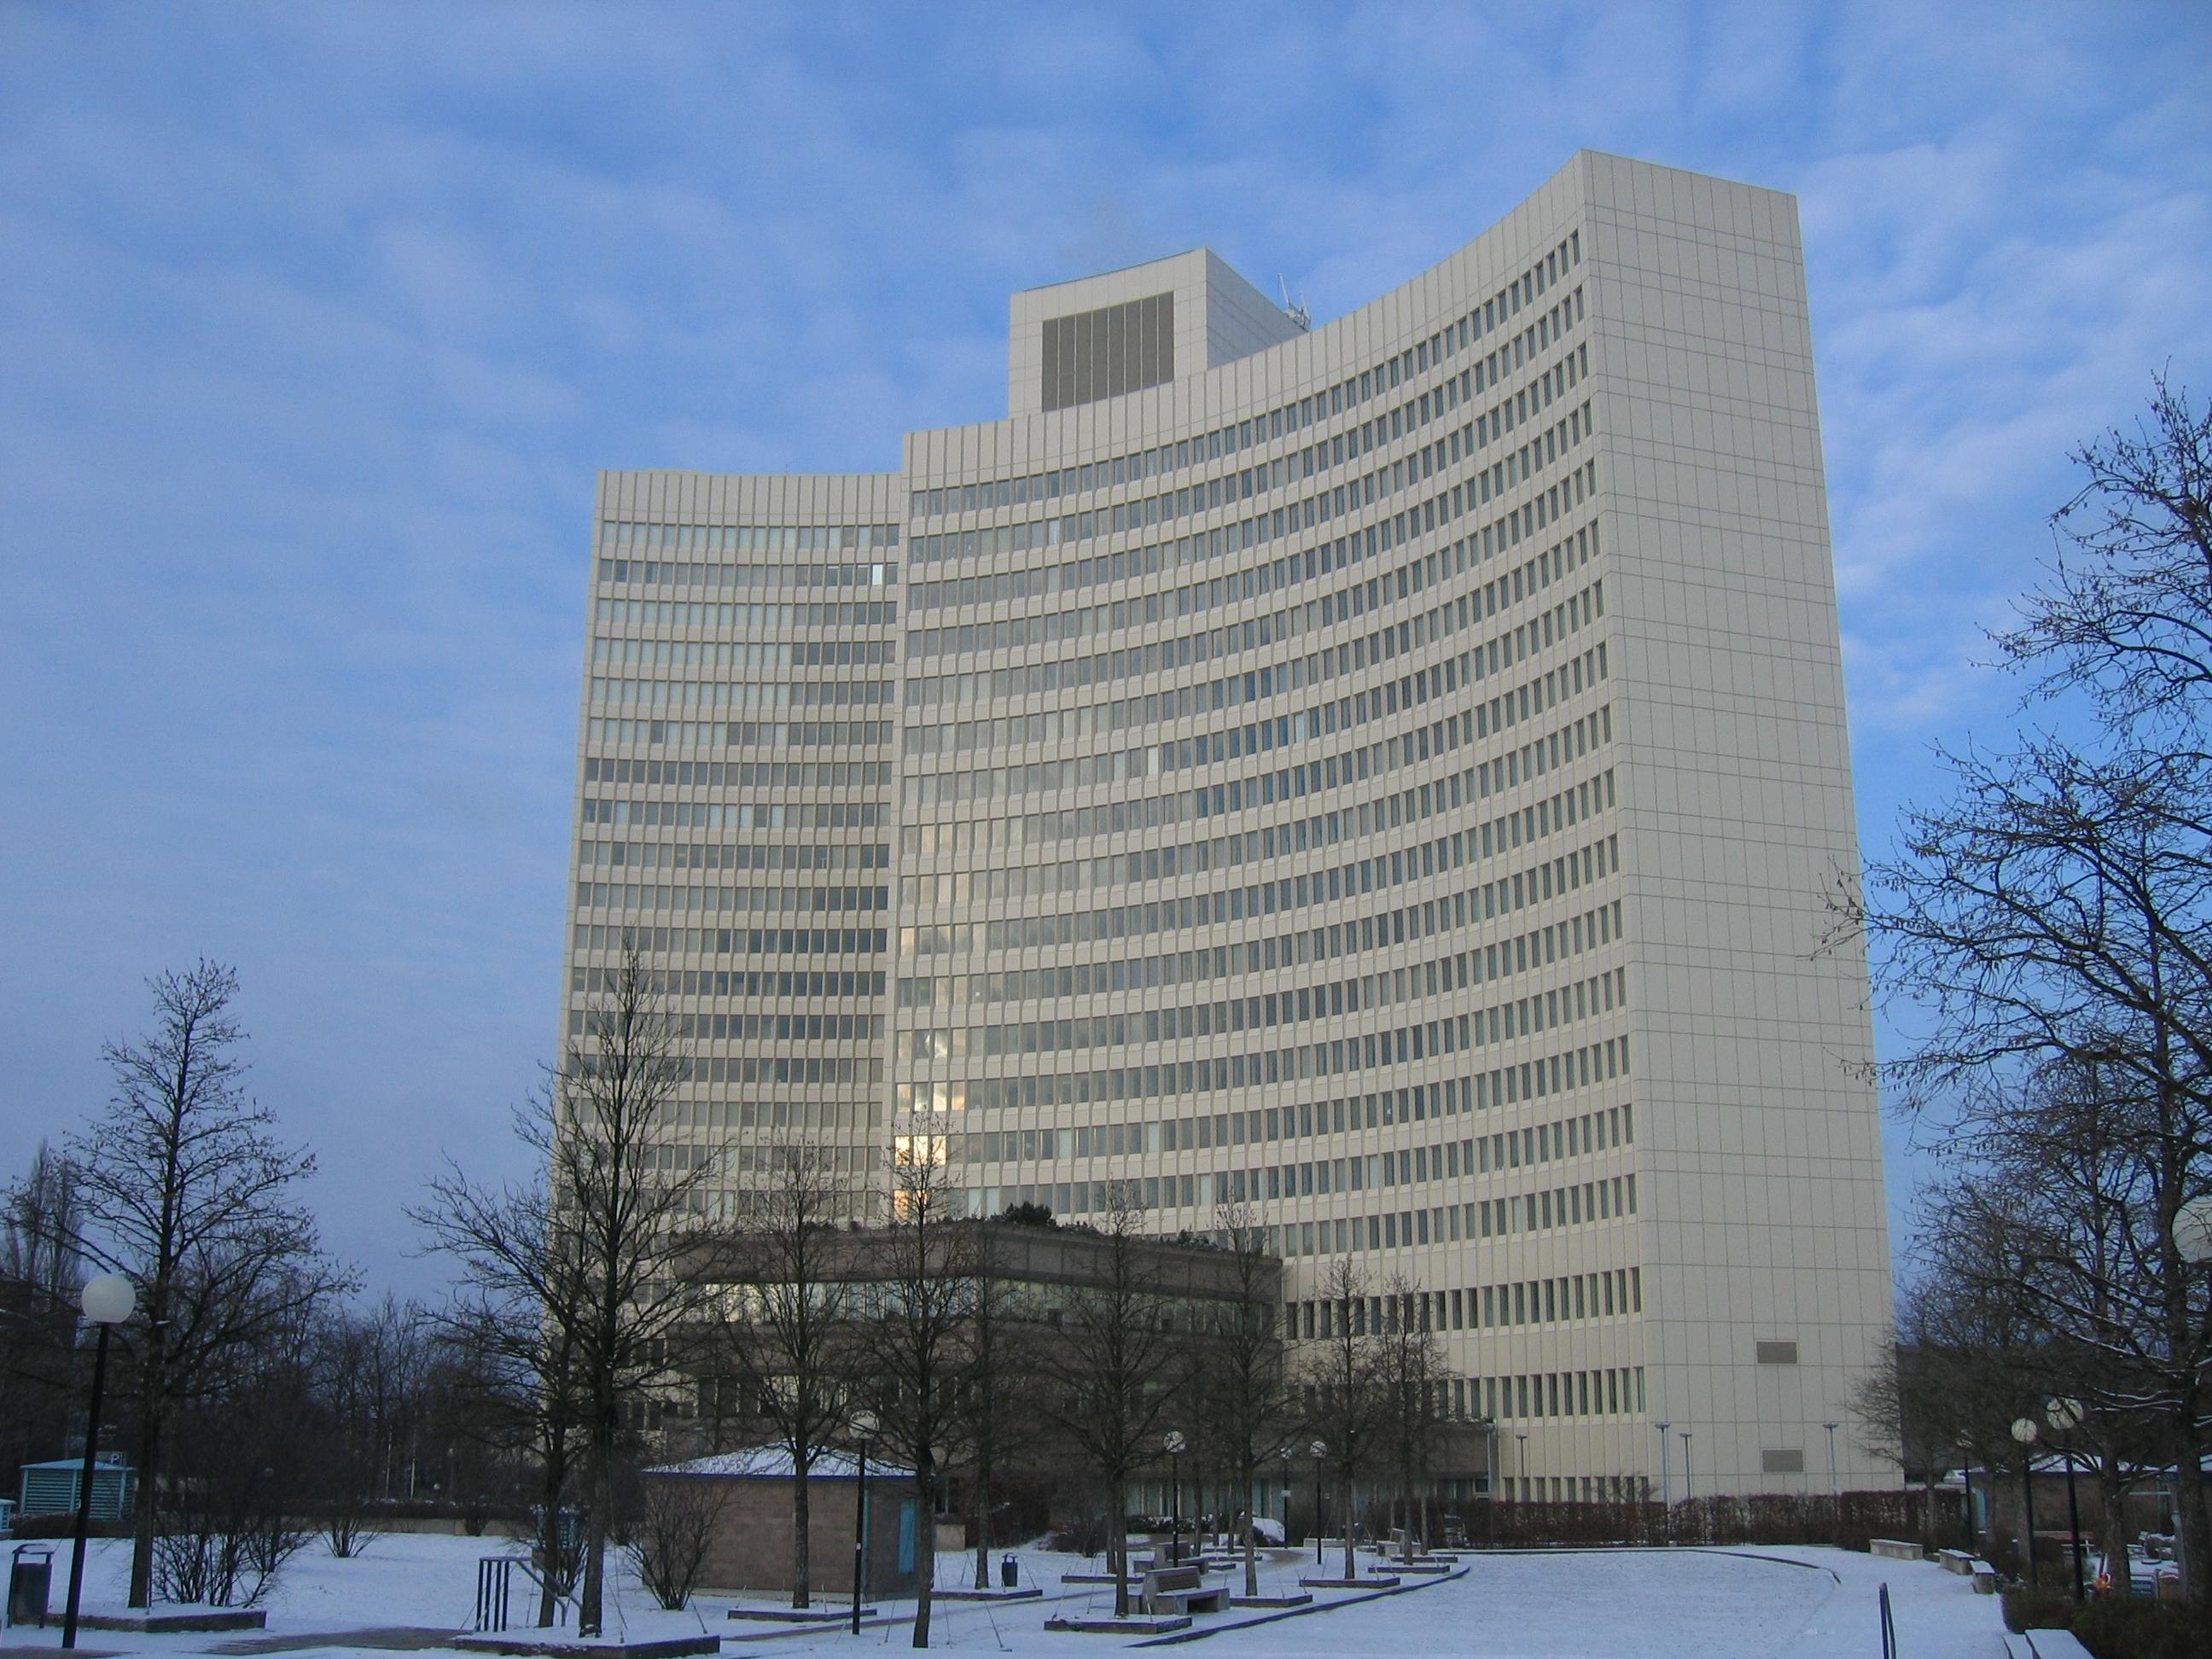 File:Hermes Gebaeude Hamburg Germany.jpg